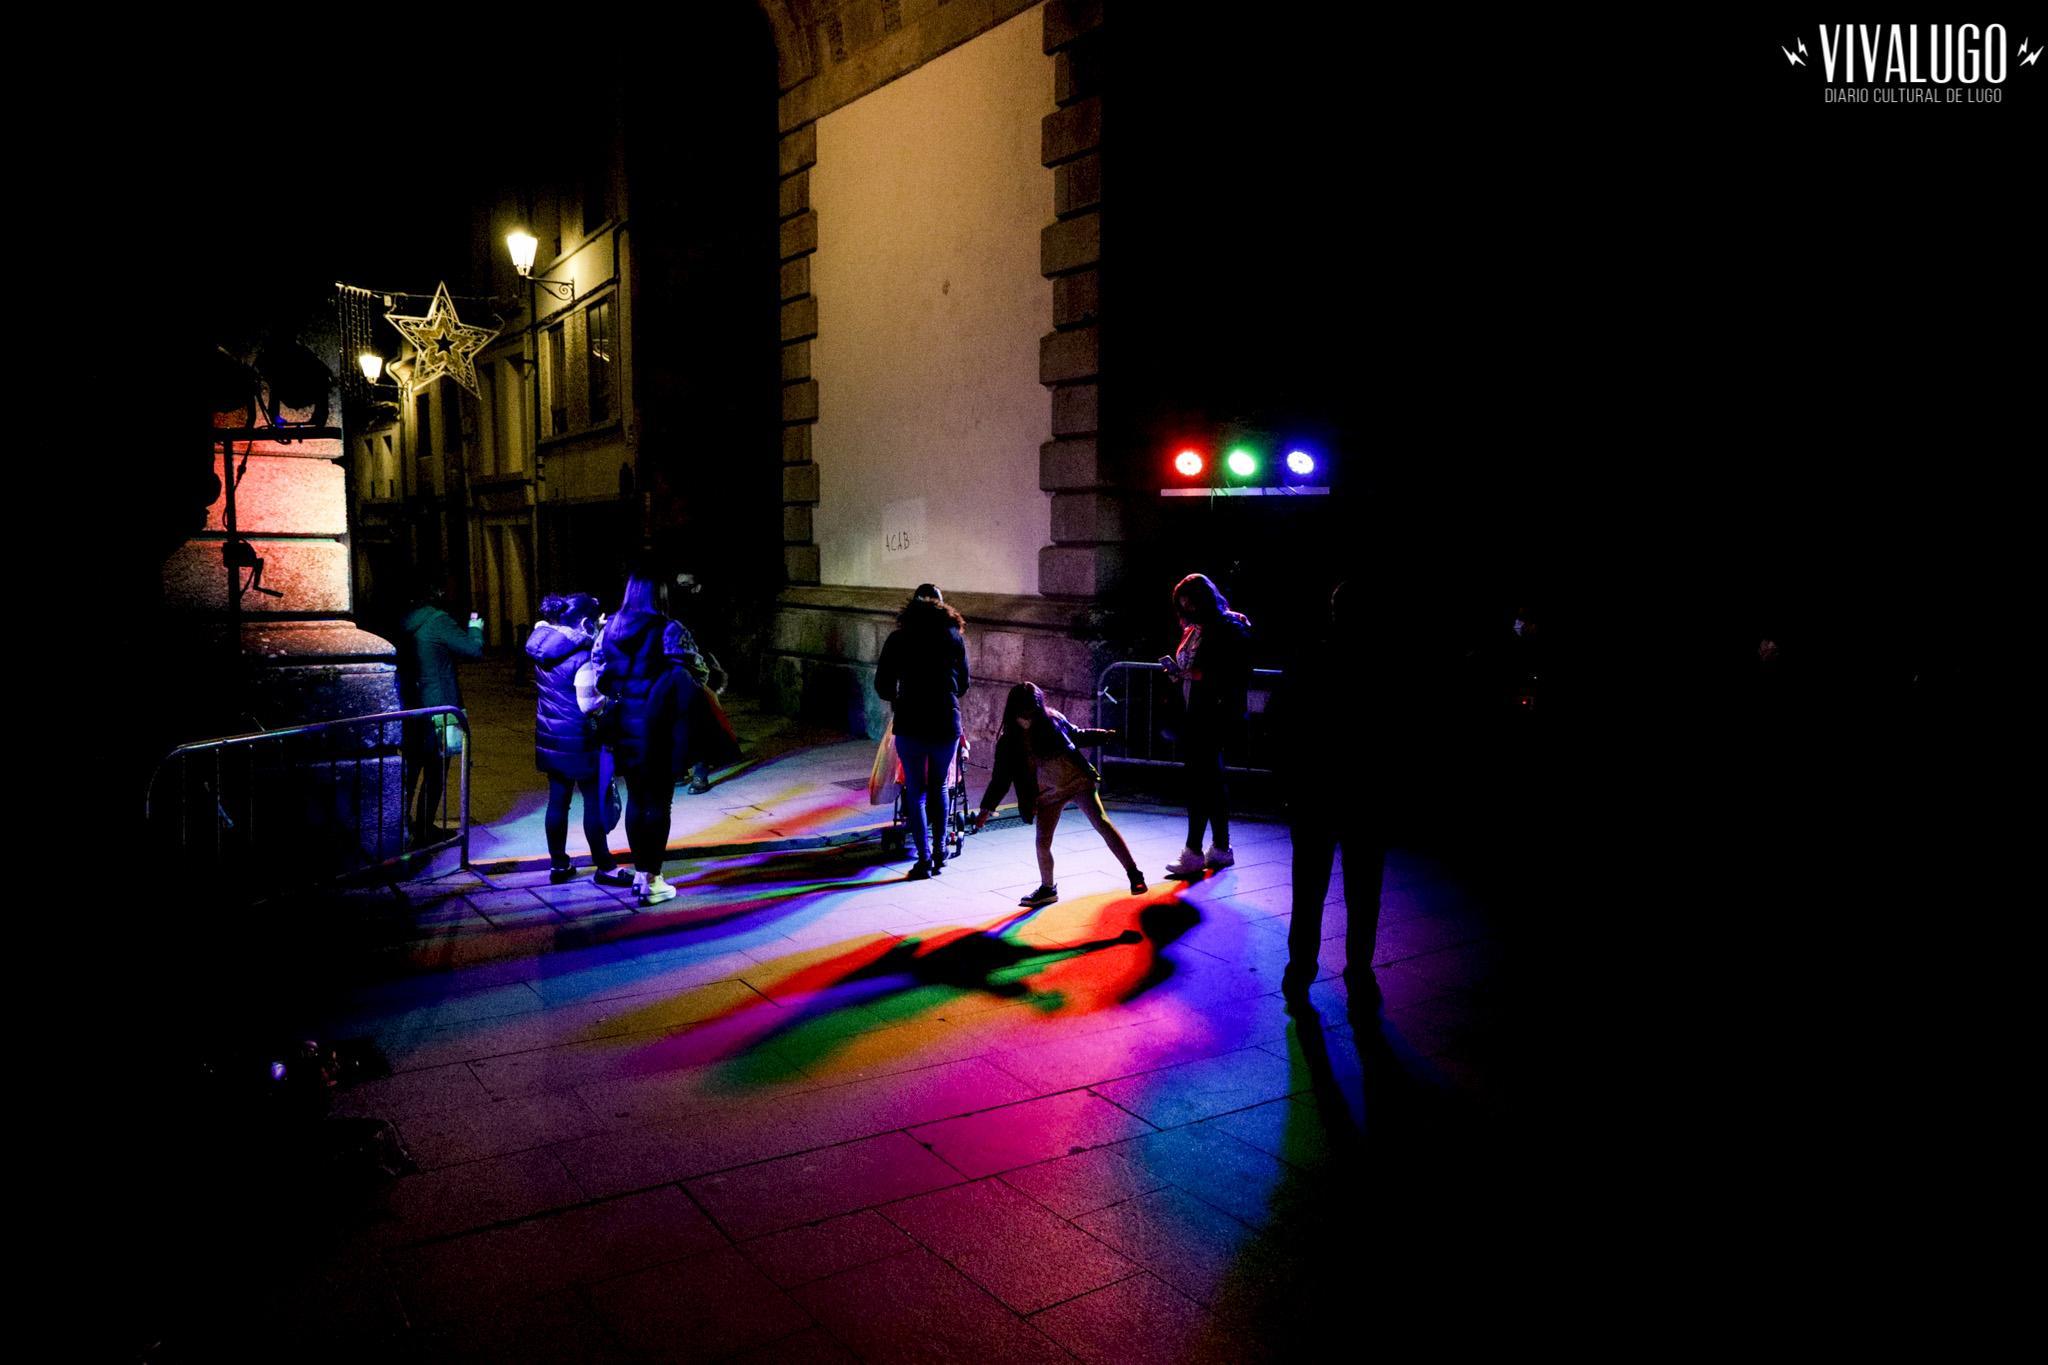 A muralla de Lugo patrimonio e luz da humanidade